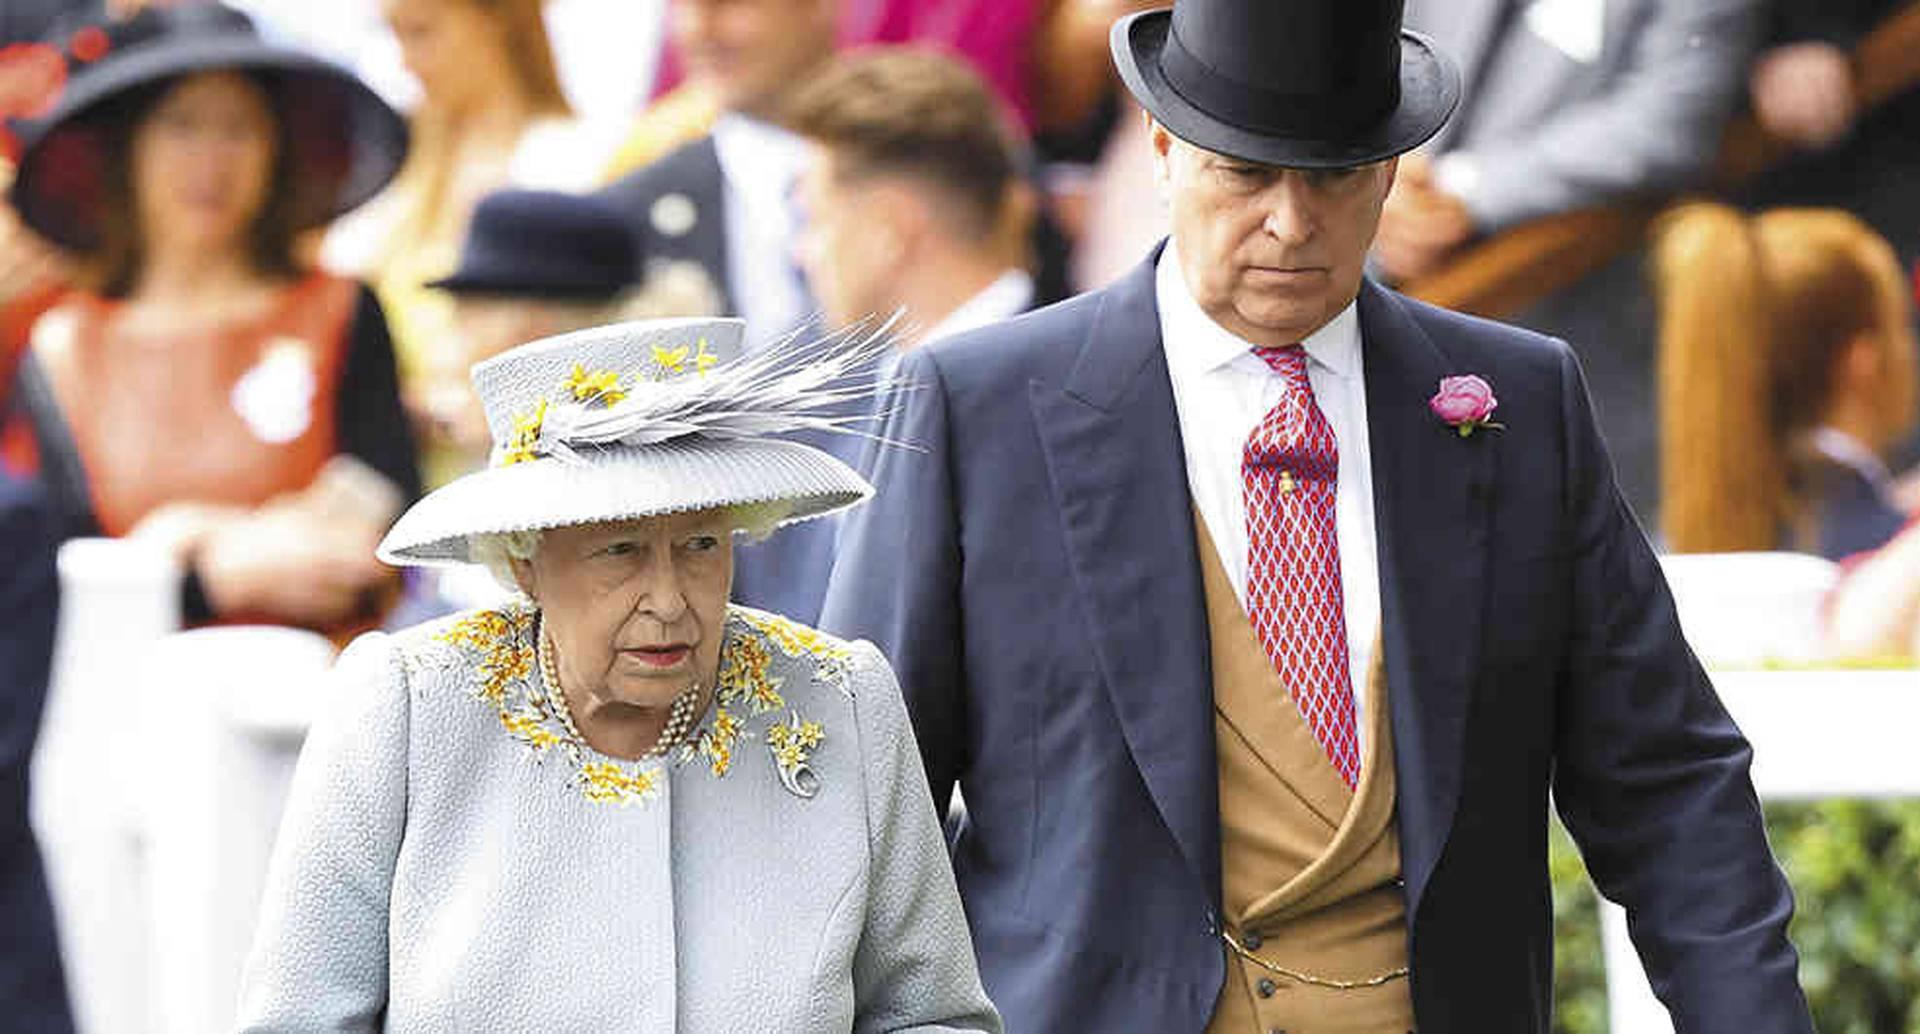 Mostrándose con él en público, la reina Isabel ha expresado su apoyo a su hijo ante el deterioro de su imagen por el escándalo.